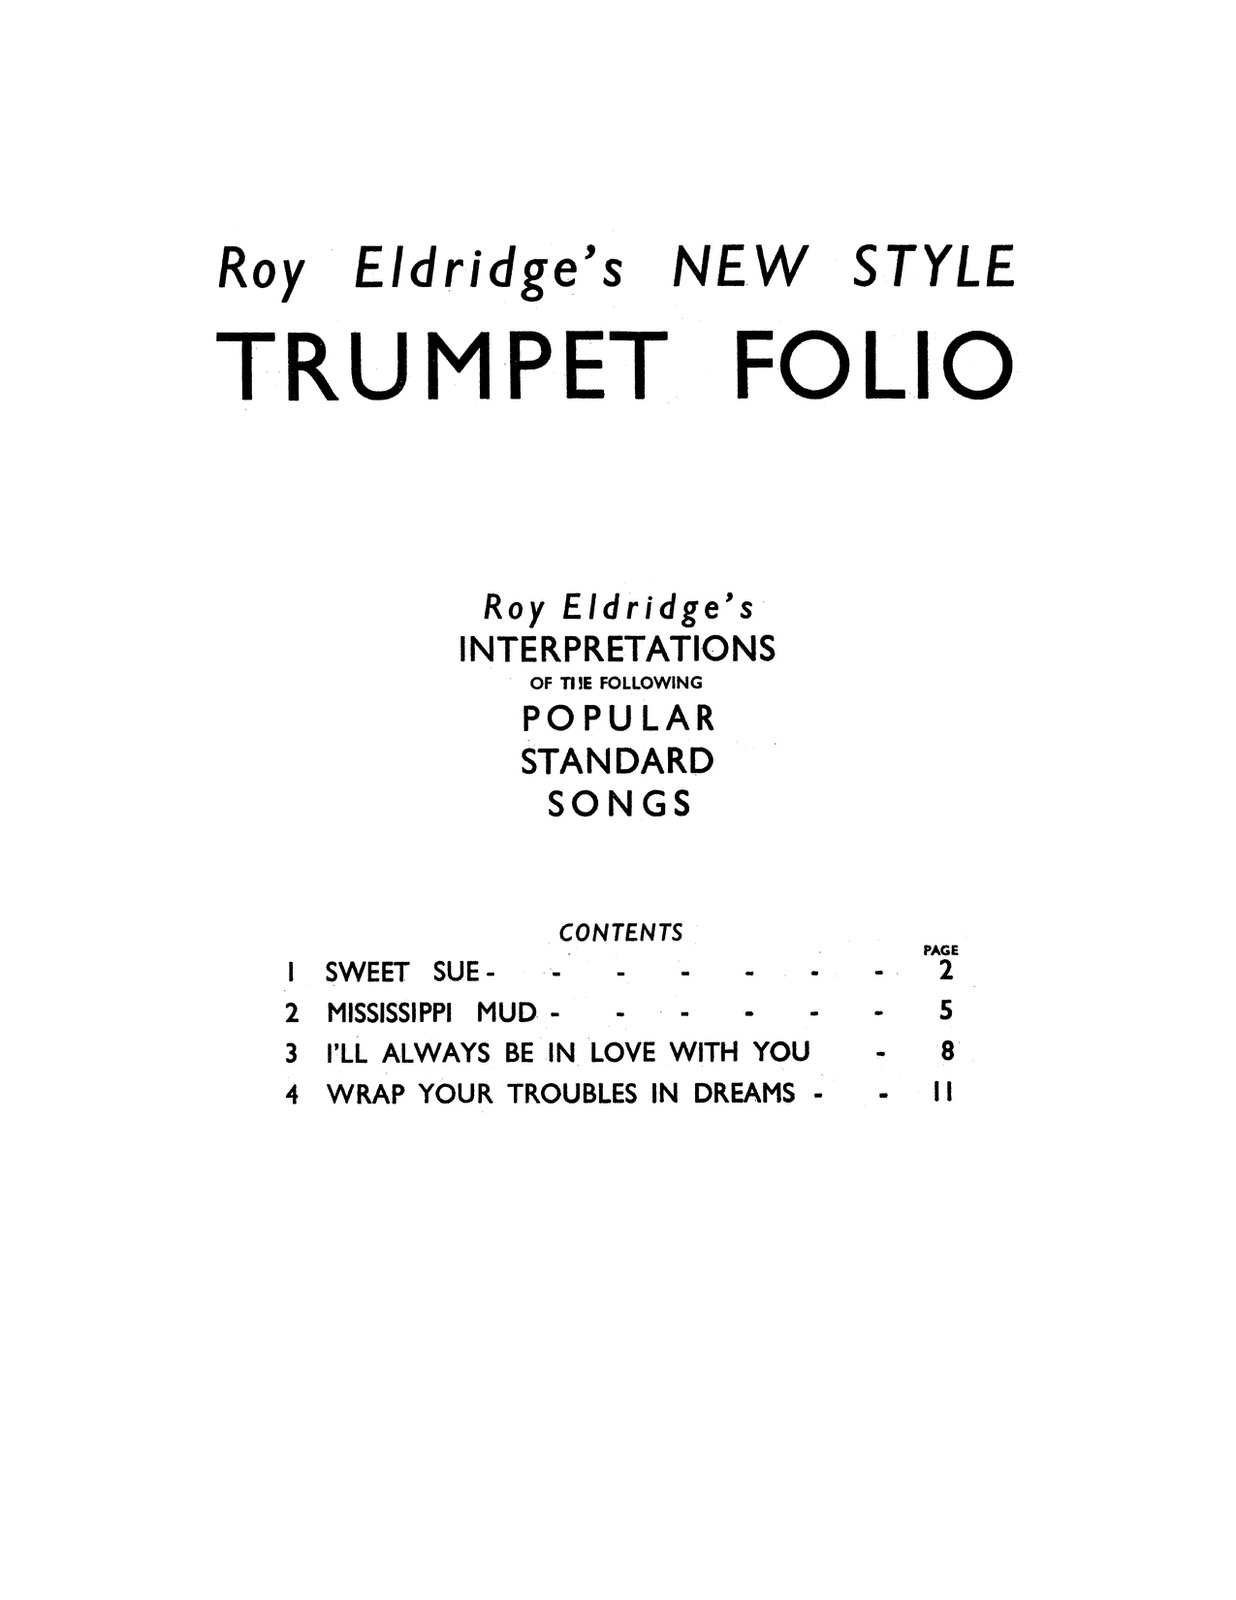 Eldridge, New Style Trumpet Folio-p09